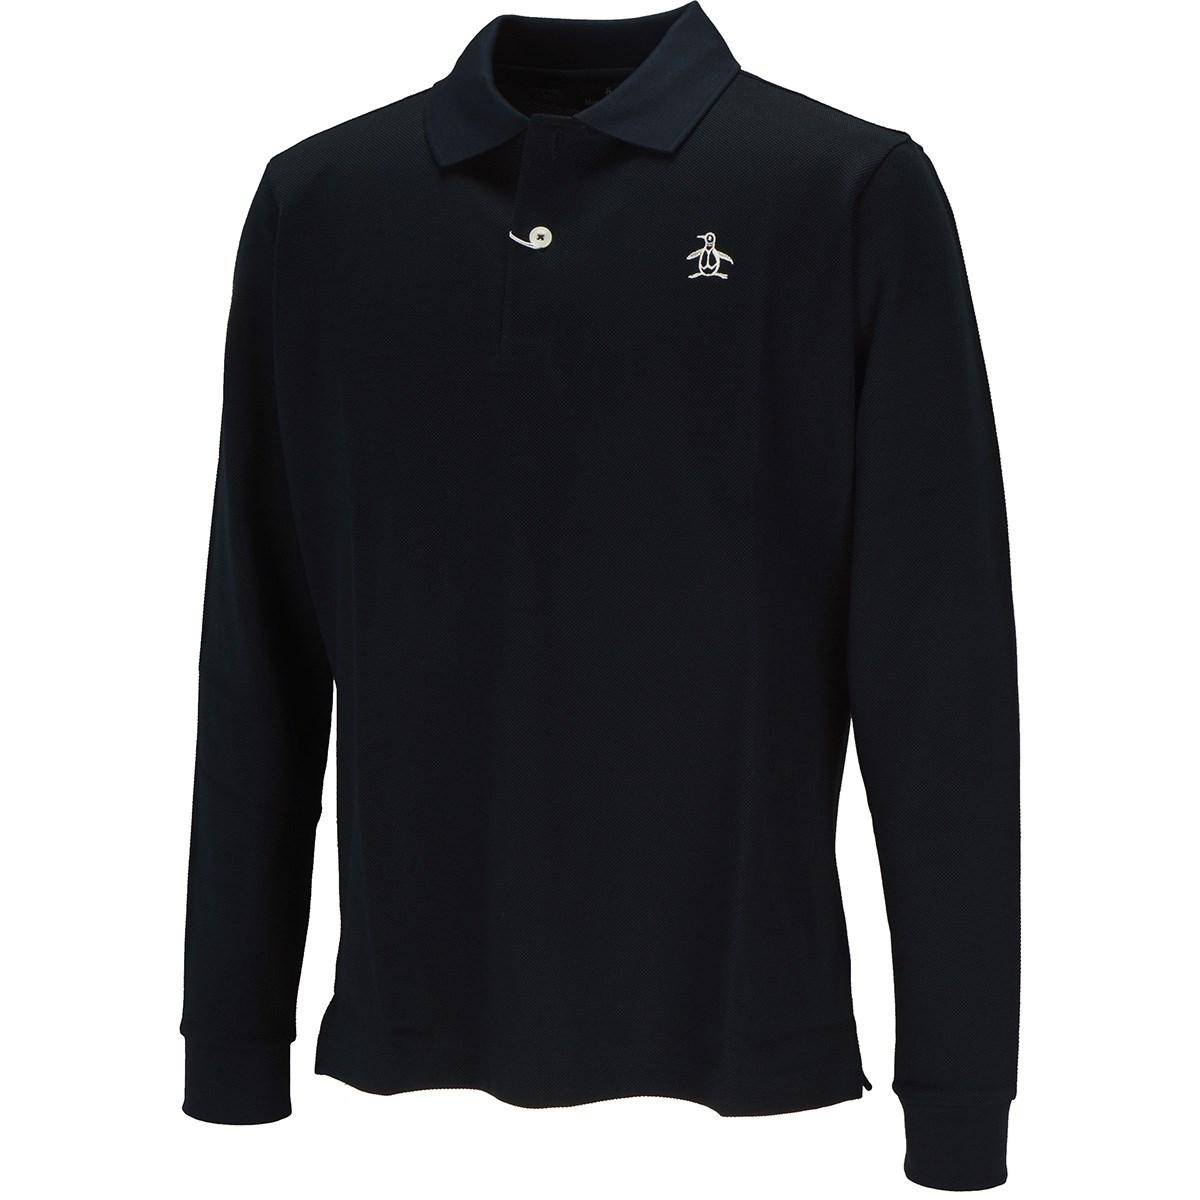 マンシングウェア Munsingwear ONE THING マナードリトルピート 長袖ポロシャツ M ネイビー 00